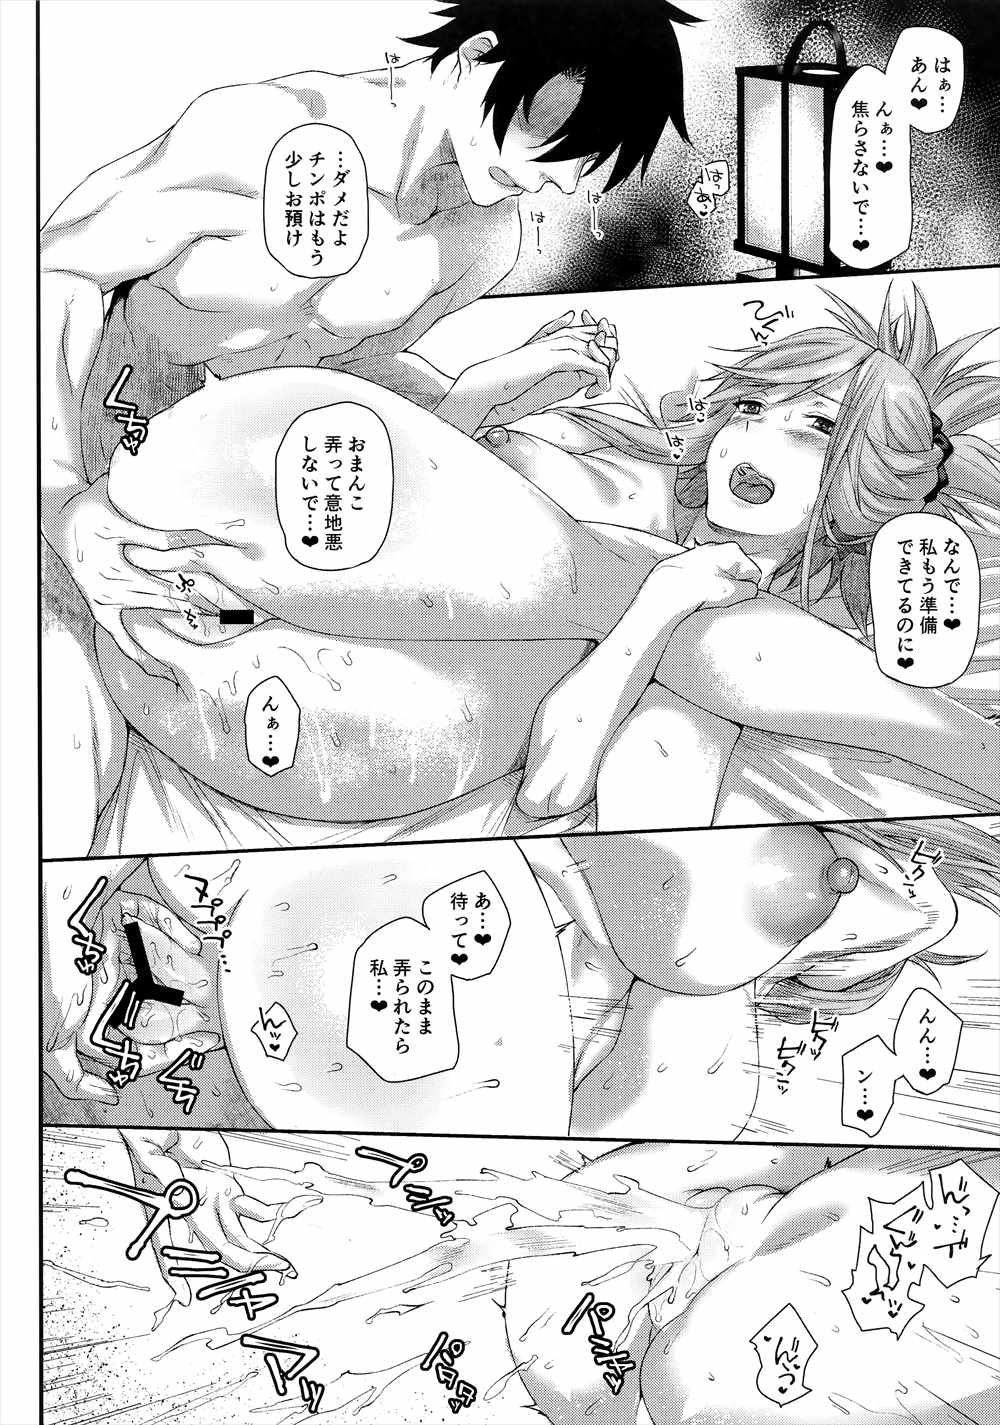 【エロ同人誌】(C95)温泉旅館でマスターと再会して意識してしまう宮本武蔵ちゃん…発情してベロキスして温泉でパイズリ精液ぶっかけイチャラブセックス【らま:久しぶりに再会した武蔵ちゃんと、一晩中エッチする。】